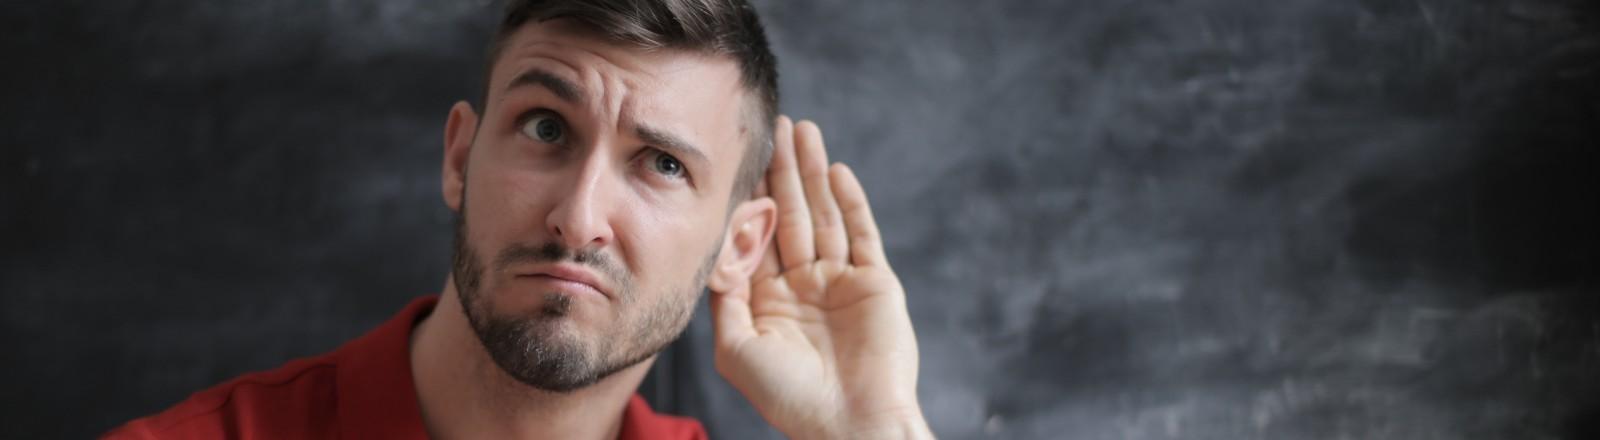 Ein Mann spitzt seine Ohren